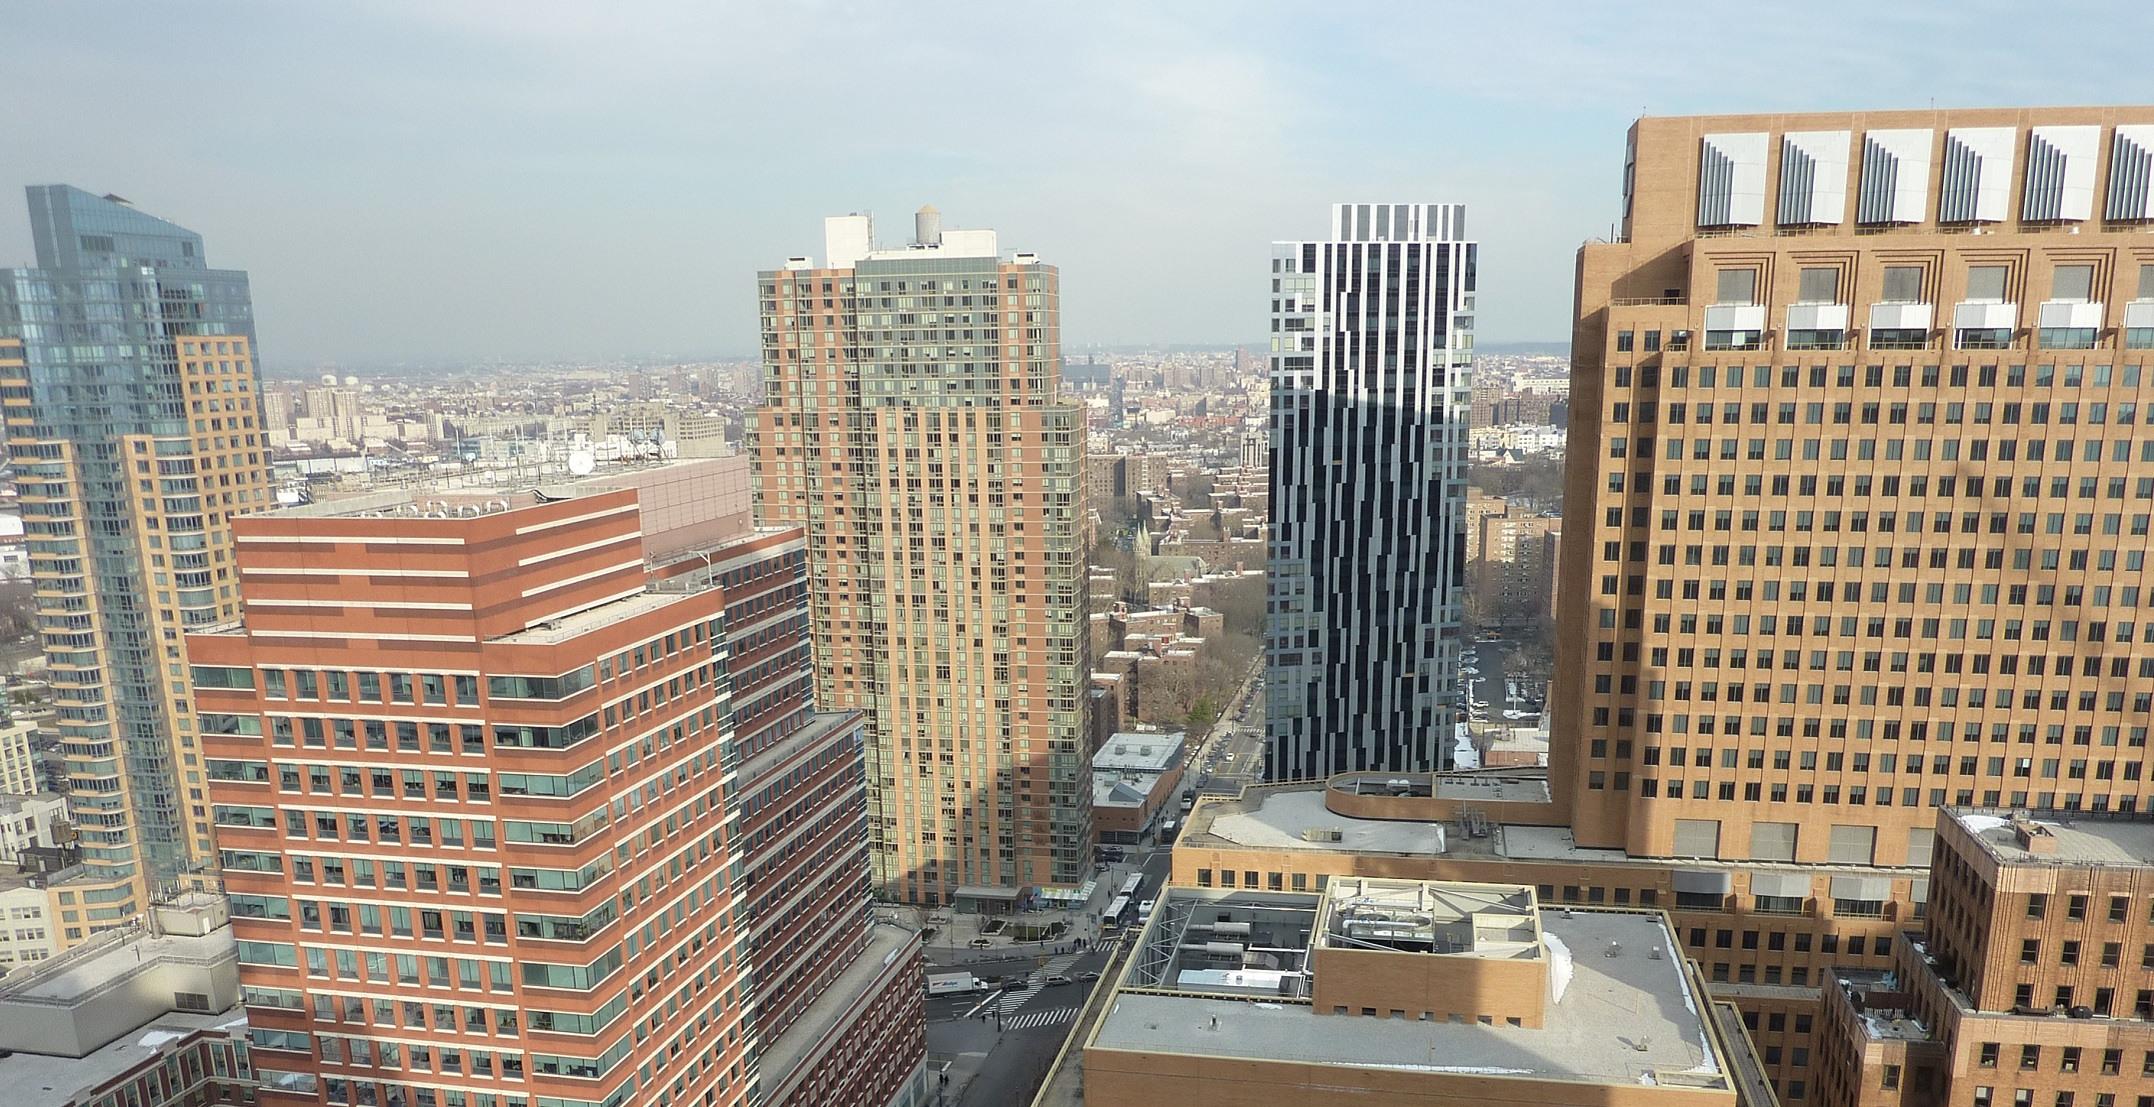 MetroTech Center - Downtown Brooklyn